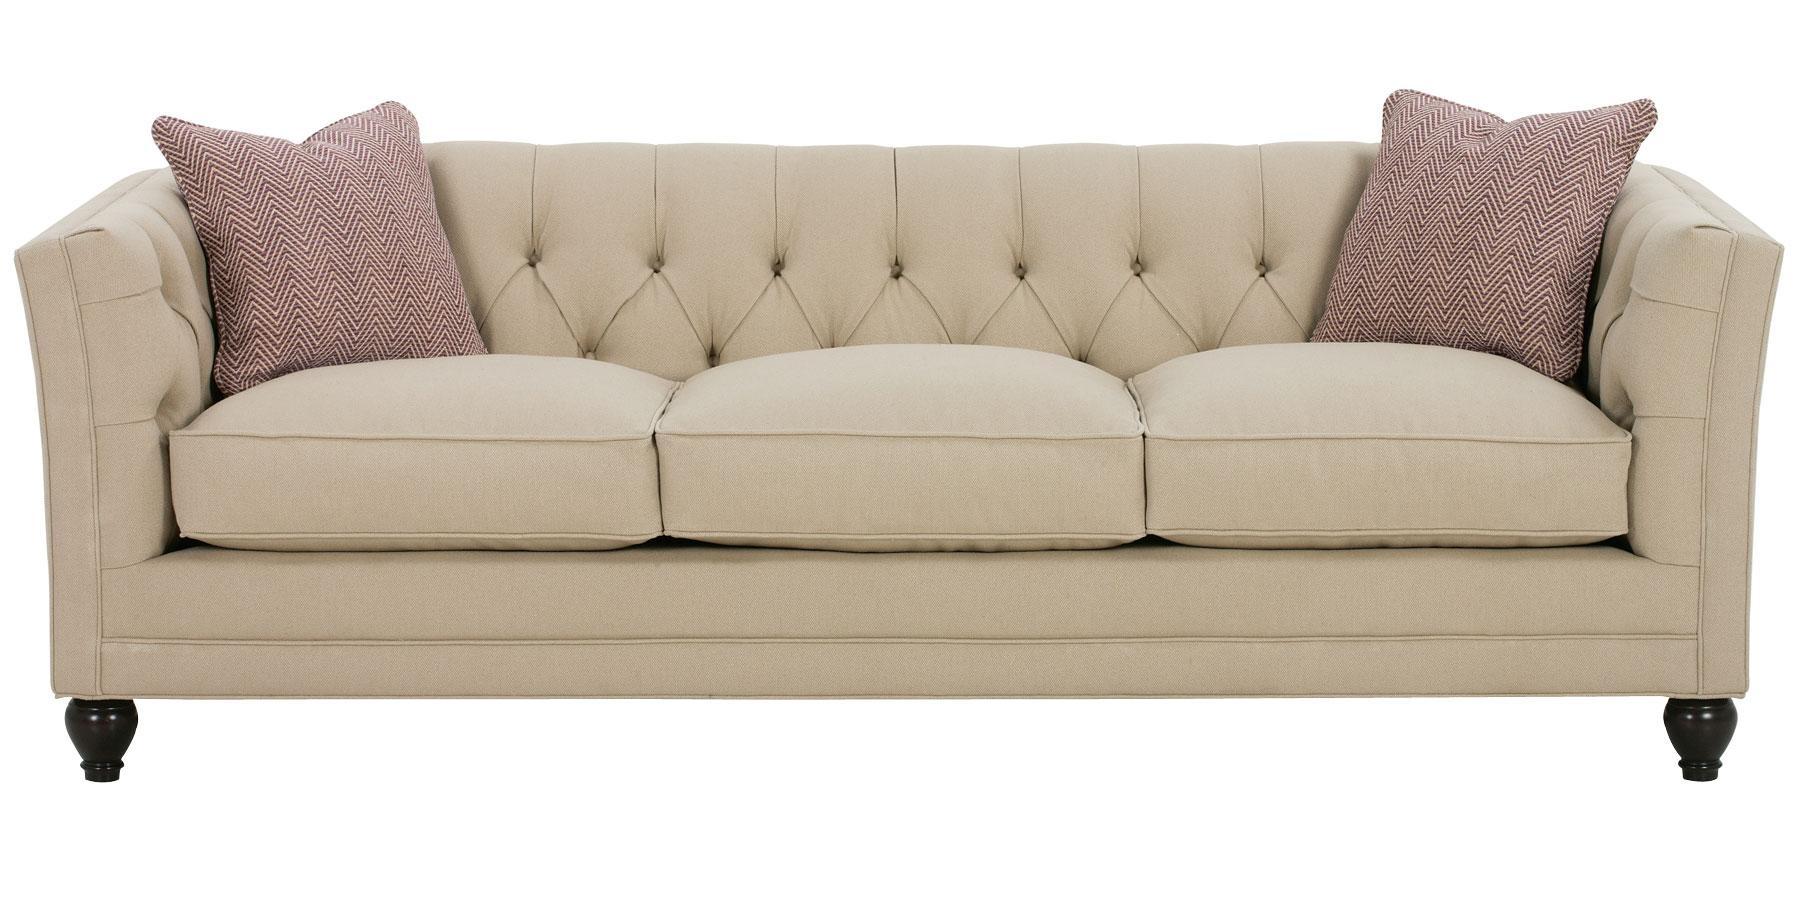 Upholstery Fabric For Sofas – Simoon – Simoon Inside Upholstery Fabric Sofas (Image 17 of 22)